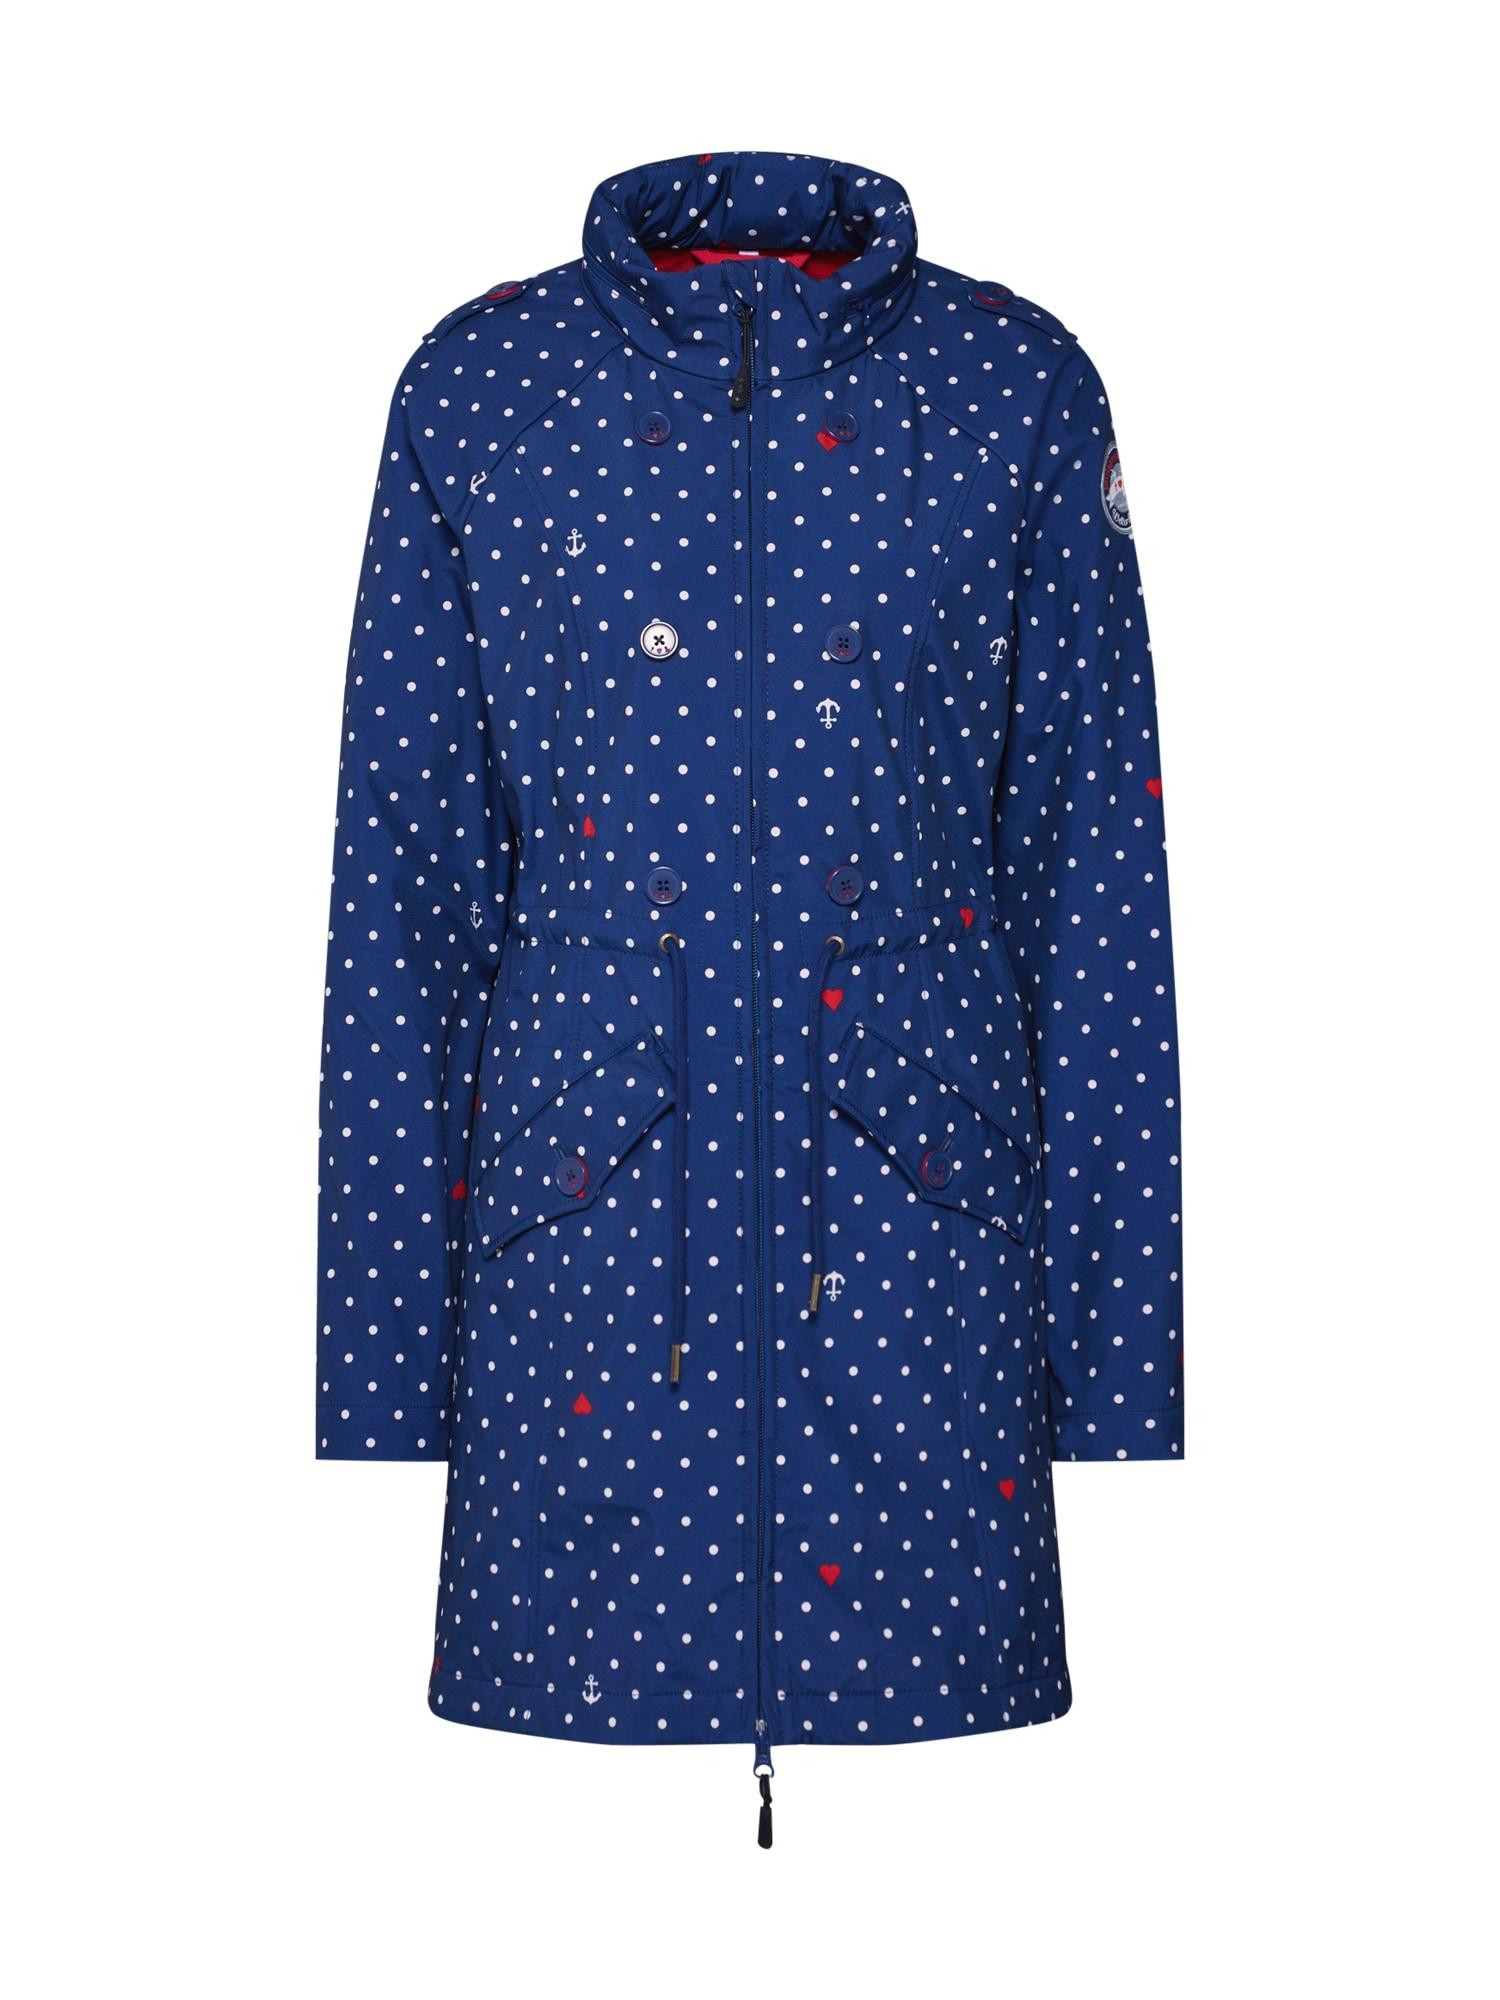 Přechodný kabát swallowtail promenade  námořnická modř červená bílá Blutsgeschwister